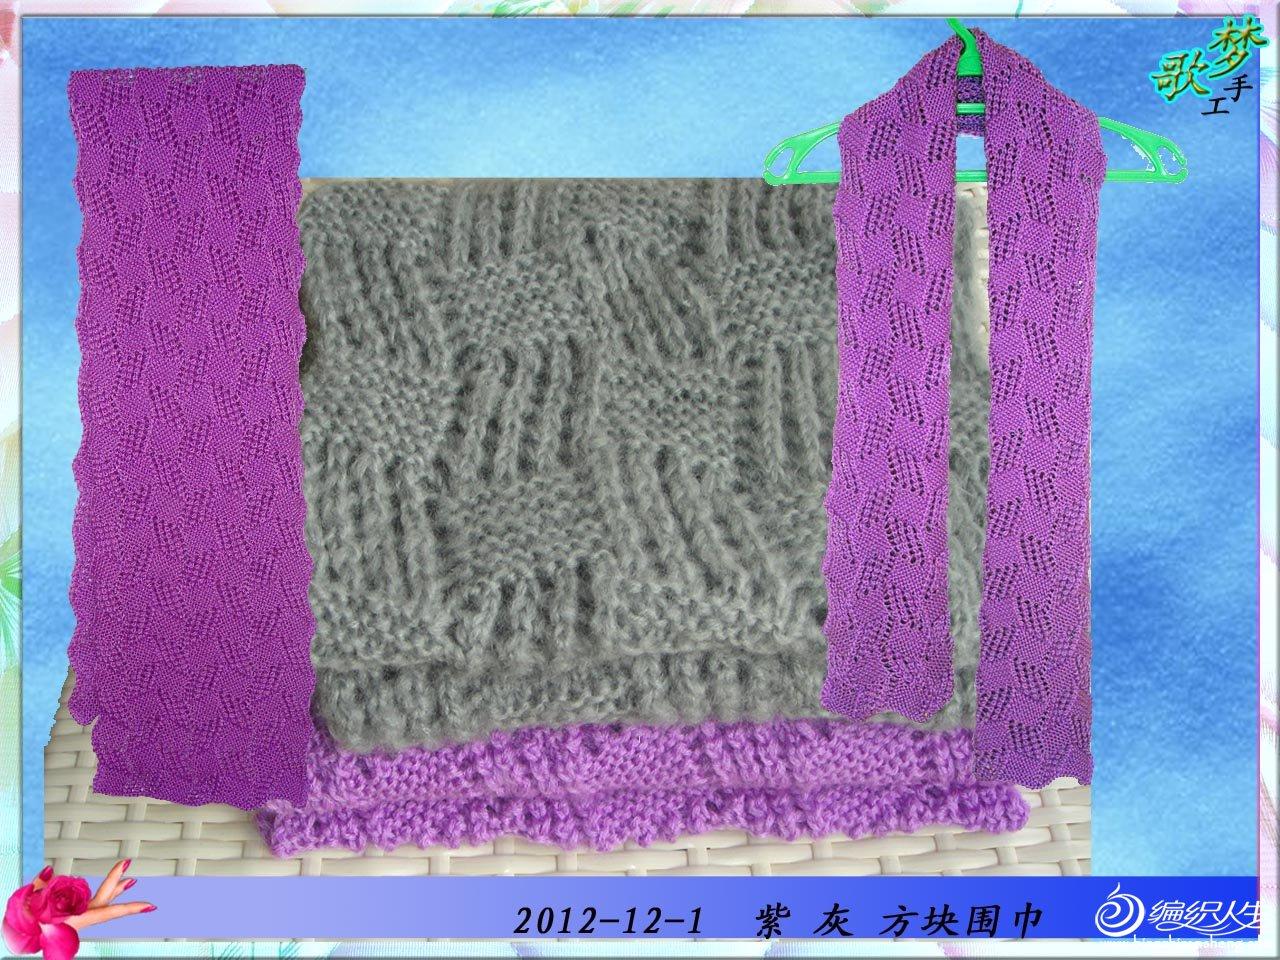 紫灰围巾.jpg